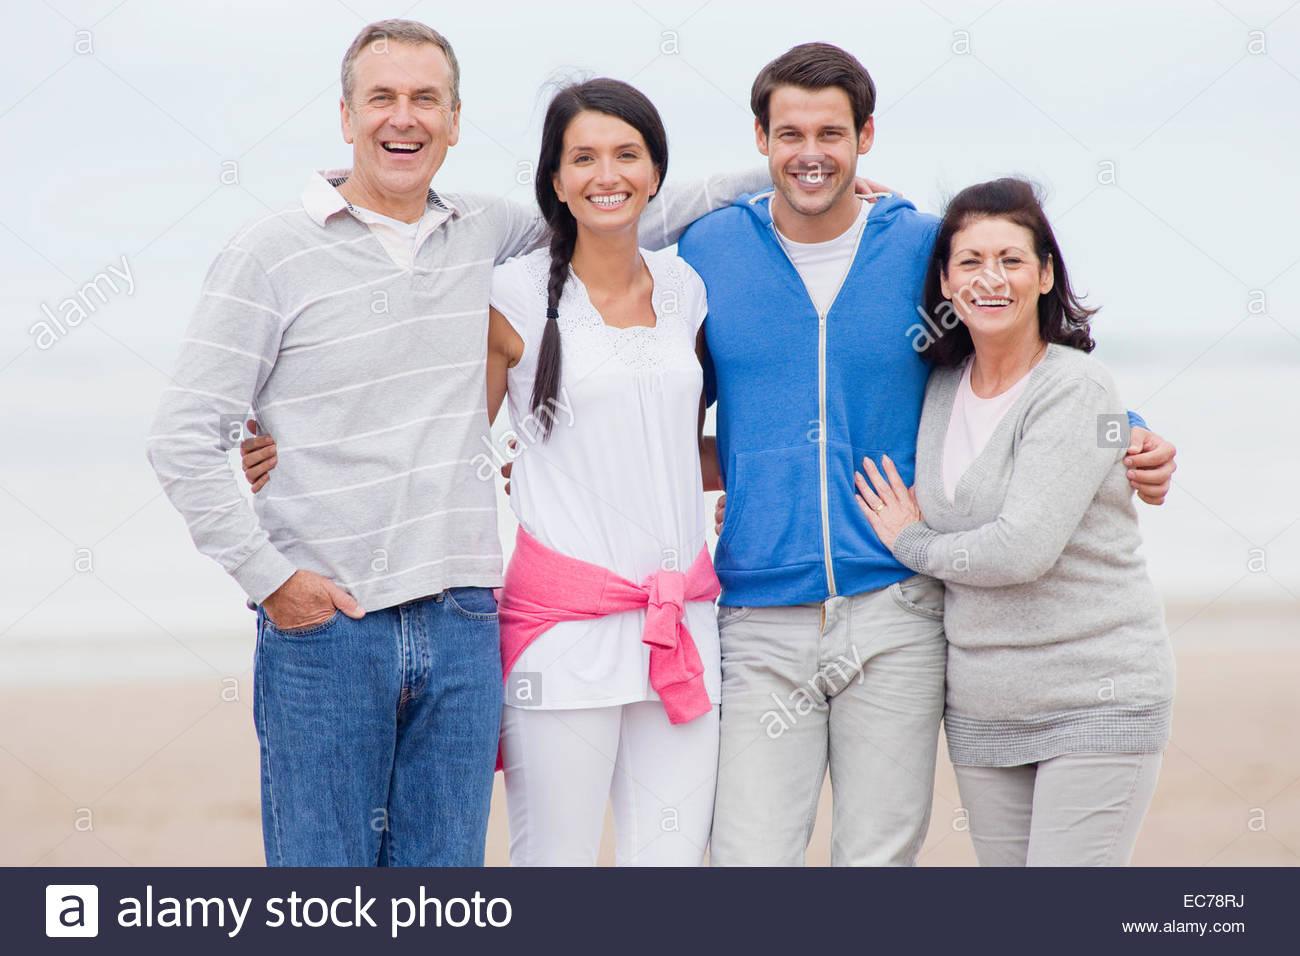 Ai genitori e ai figli maggiorenni a sorridere insieme sulla spiaggia Immagini Stock